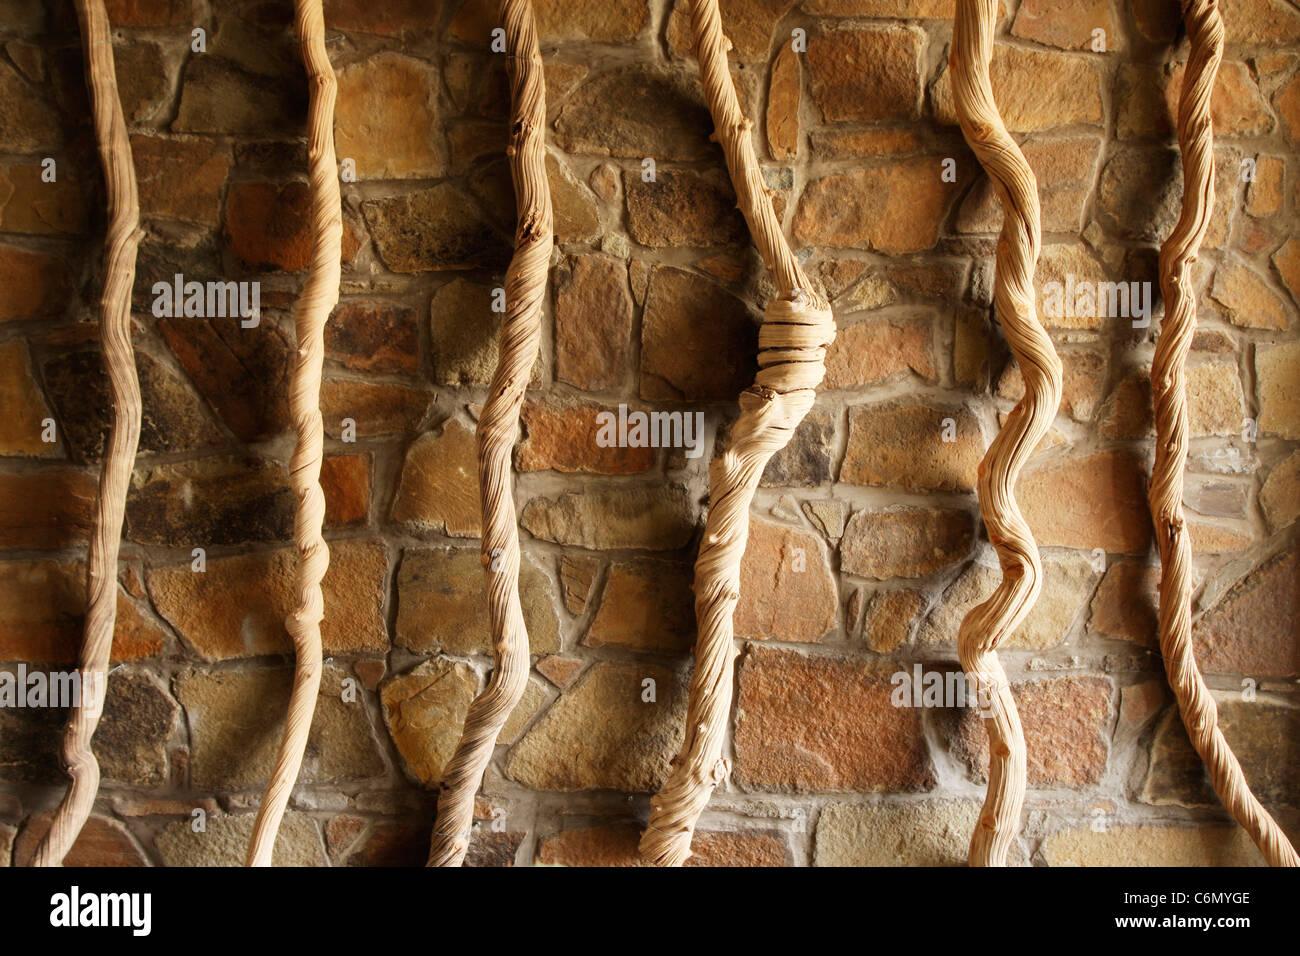 Cordes torsadées accroché contre un mur de pierre Photo Stock